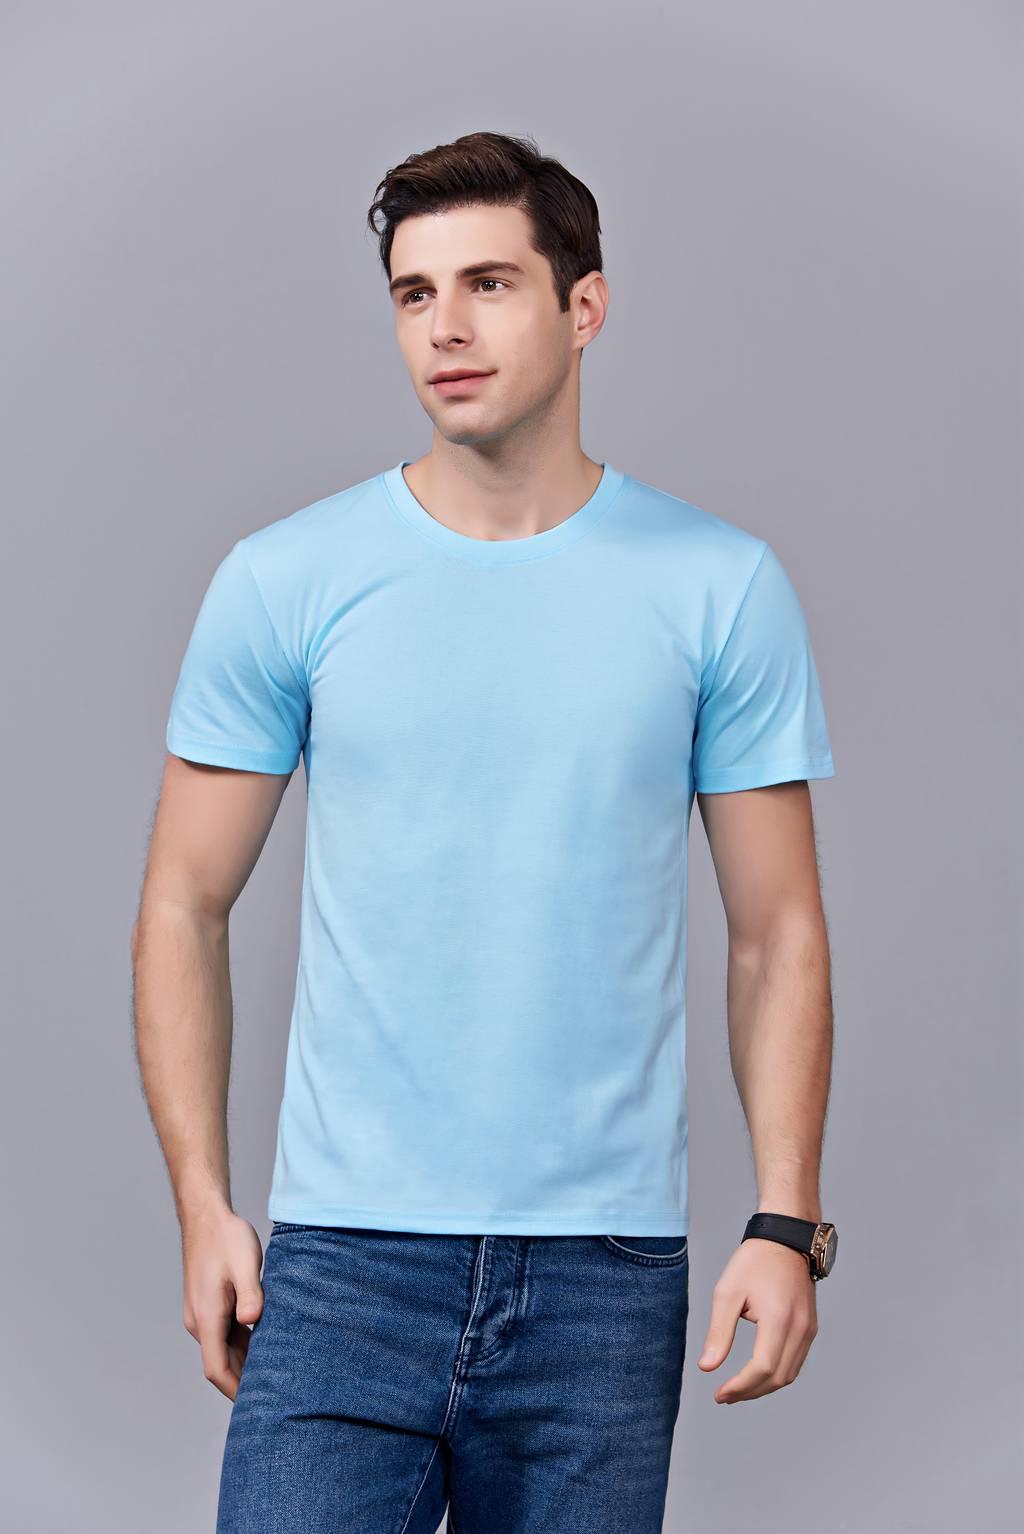 时尚新潮短袖上衣 天蓝色 情侣款亲子款休闲T恤订制